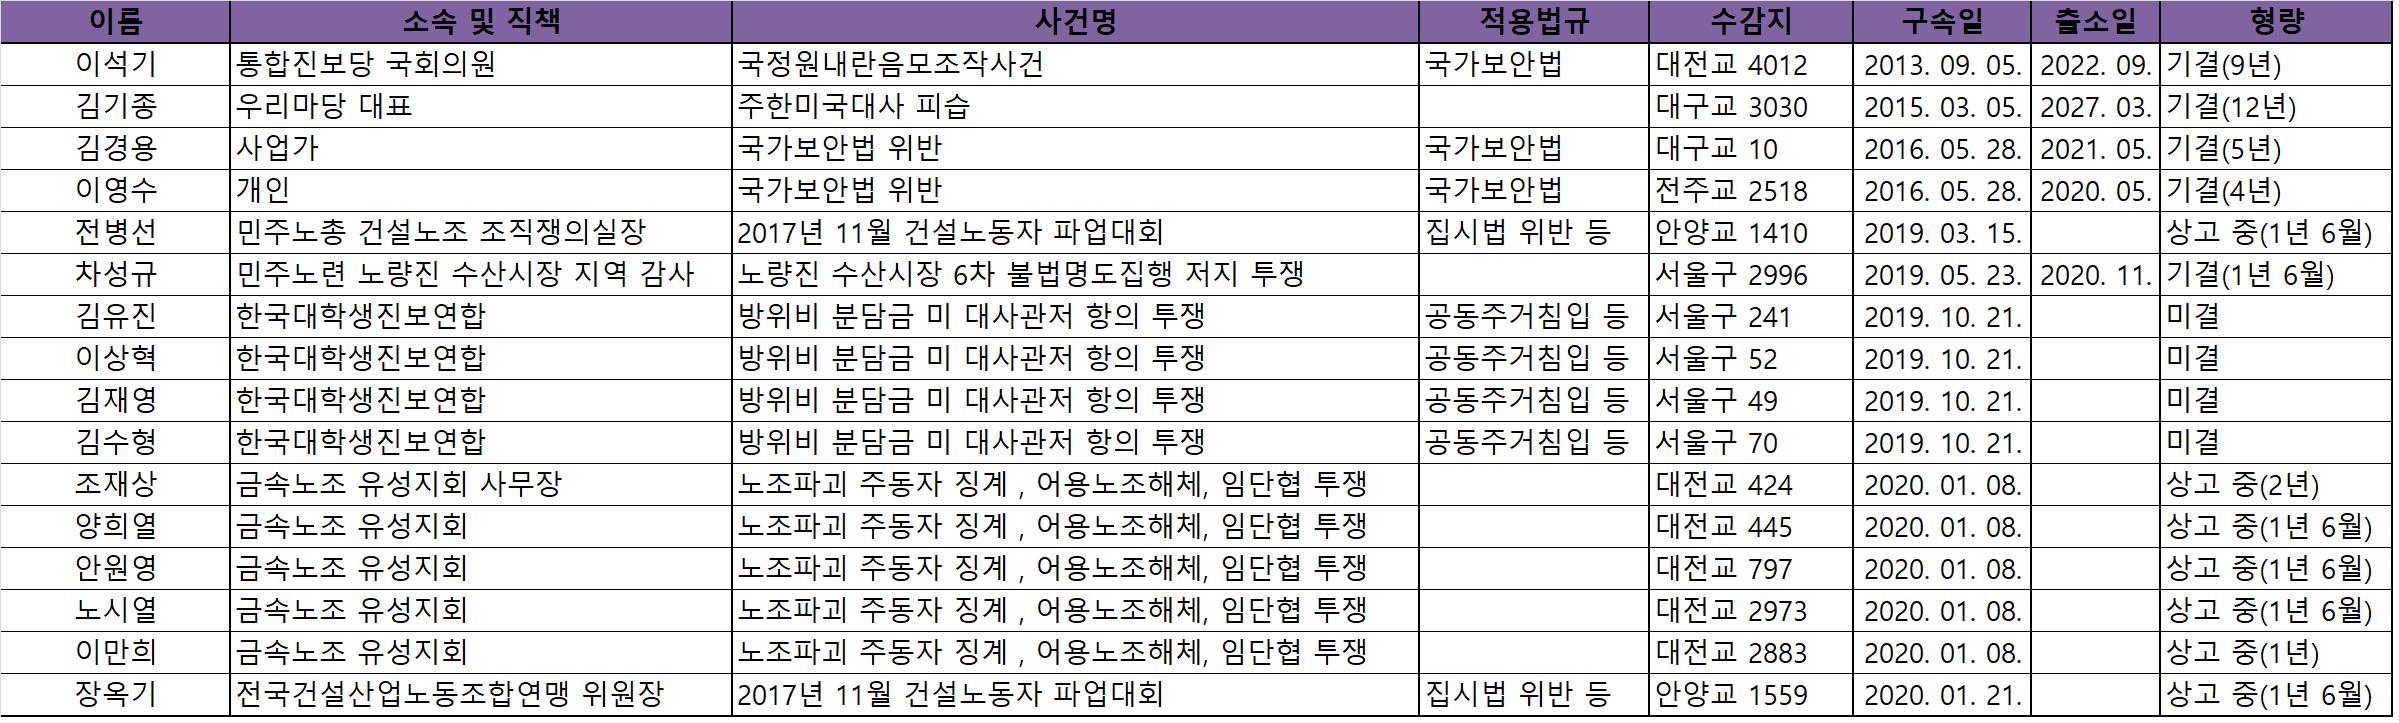 양심수 현황(1월).png